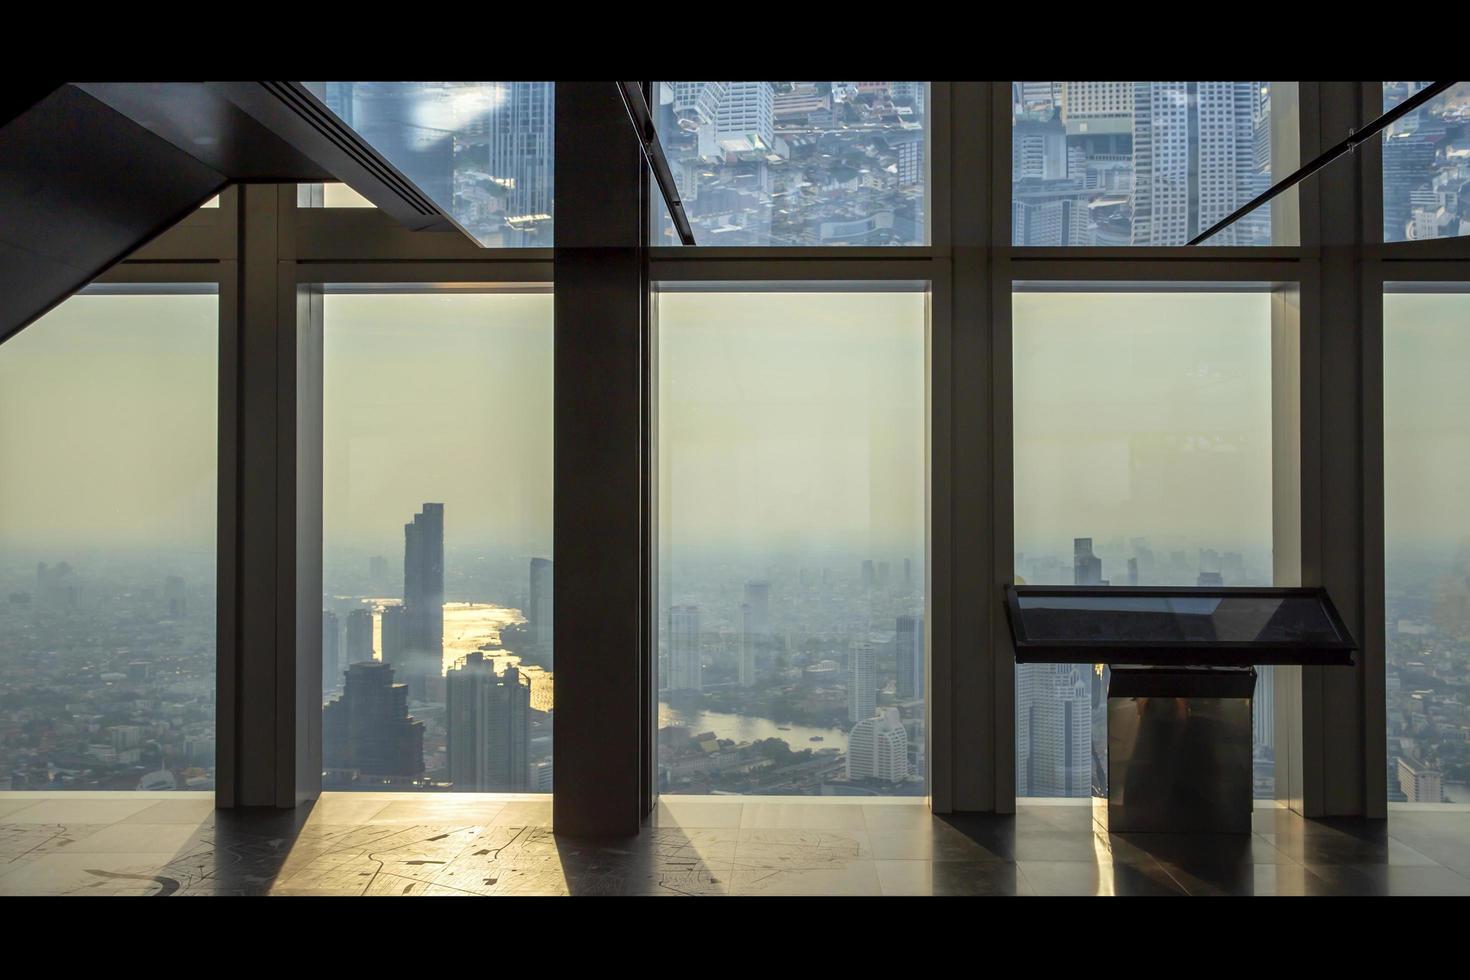 Interior del edificio de oficinas vista de rascacielos de negocios modernos, vidrio y vista del cielo paisaje del edificio comercial en el centro de la ciudad foto